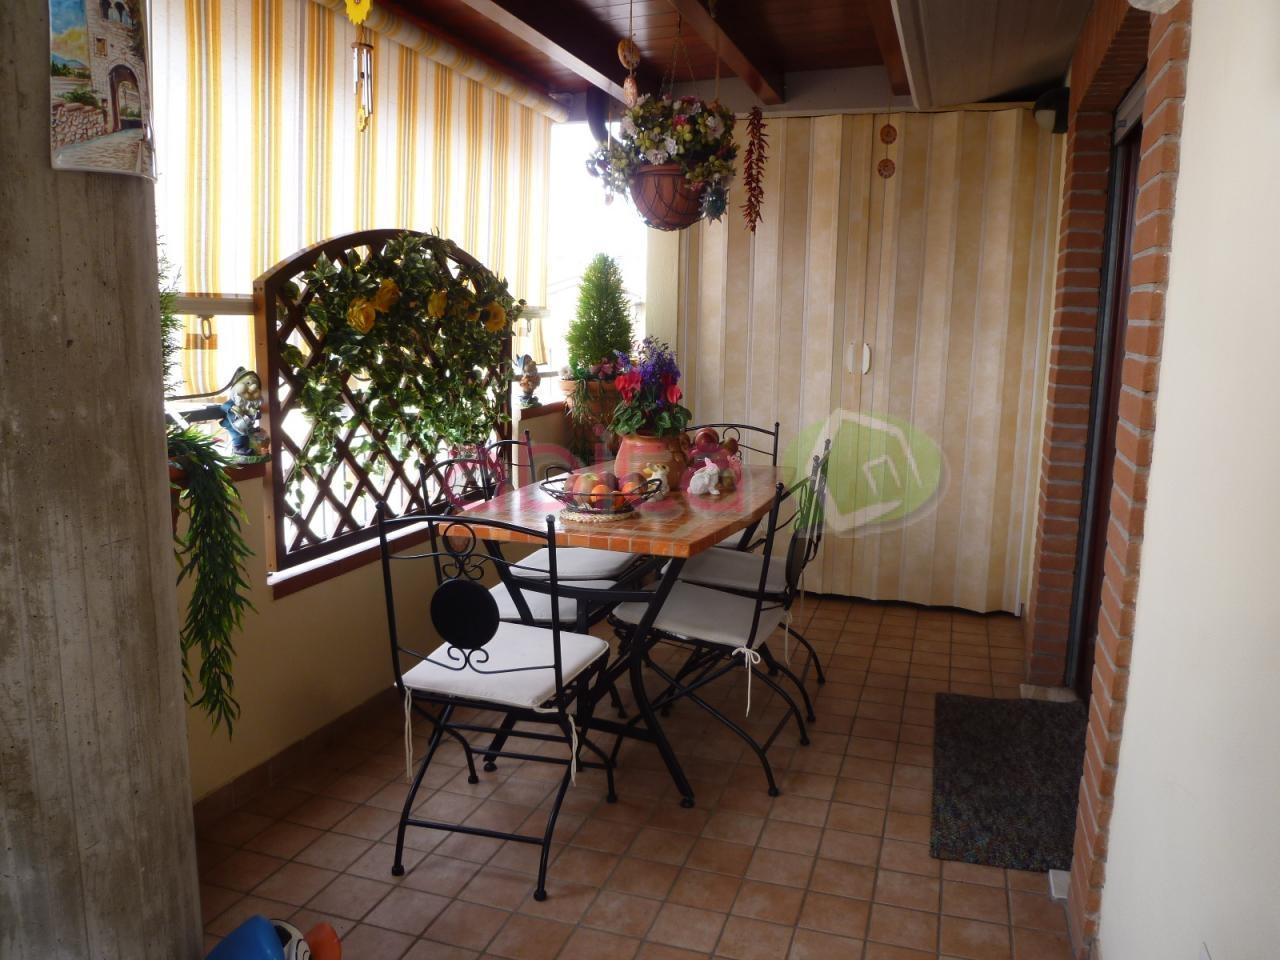 Appartamento in vendita a Spinetoli, 3 locali, zona Località: PagliaredelTronto, Trattative riservate   CambioCasa.it